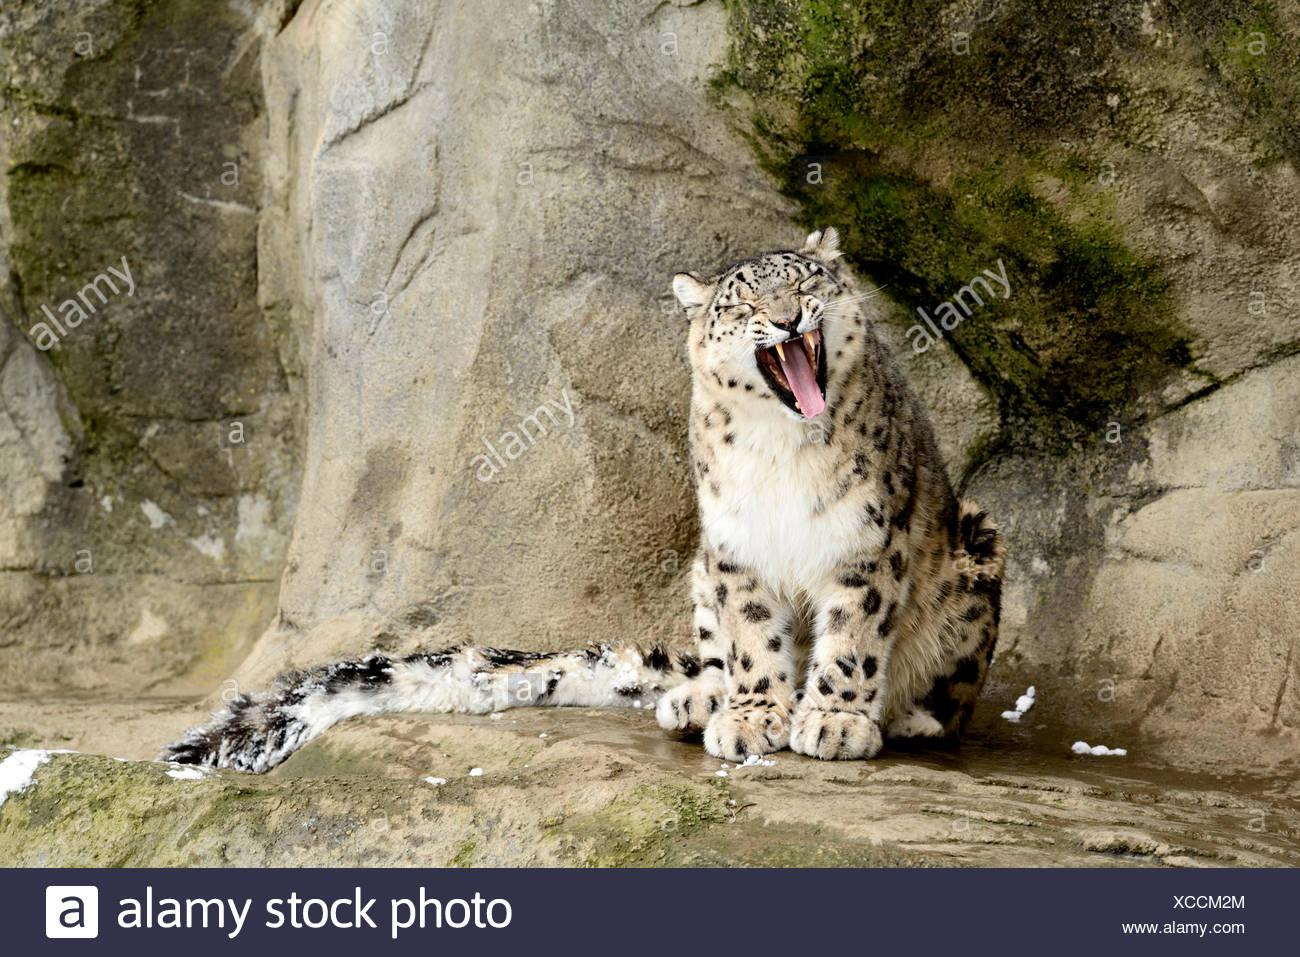 Snow Leopard (Panthera uncia) yawning, captive, Switzerland - Stock Image